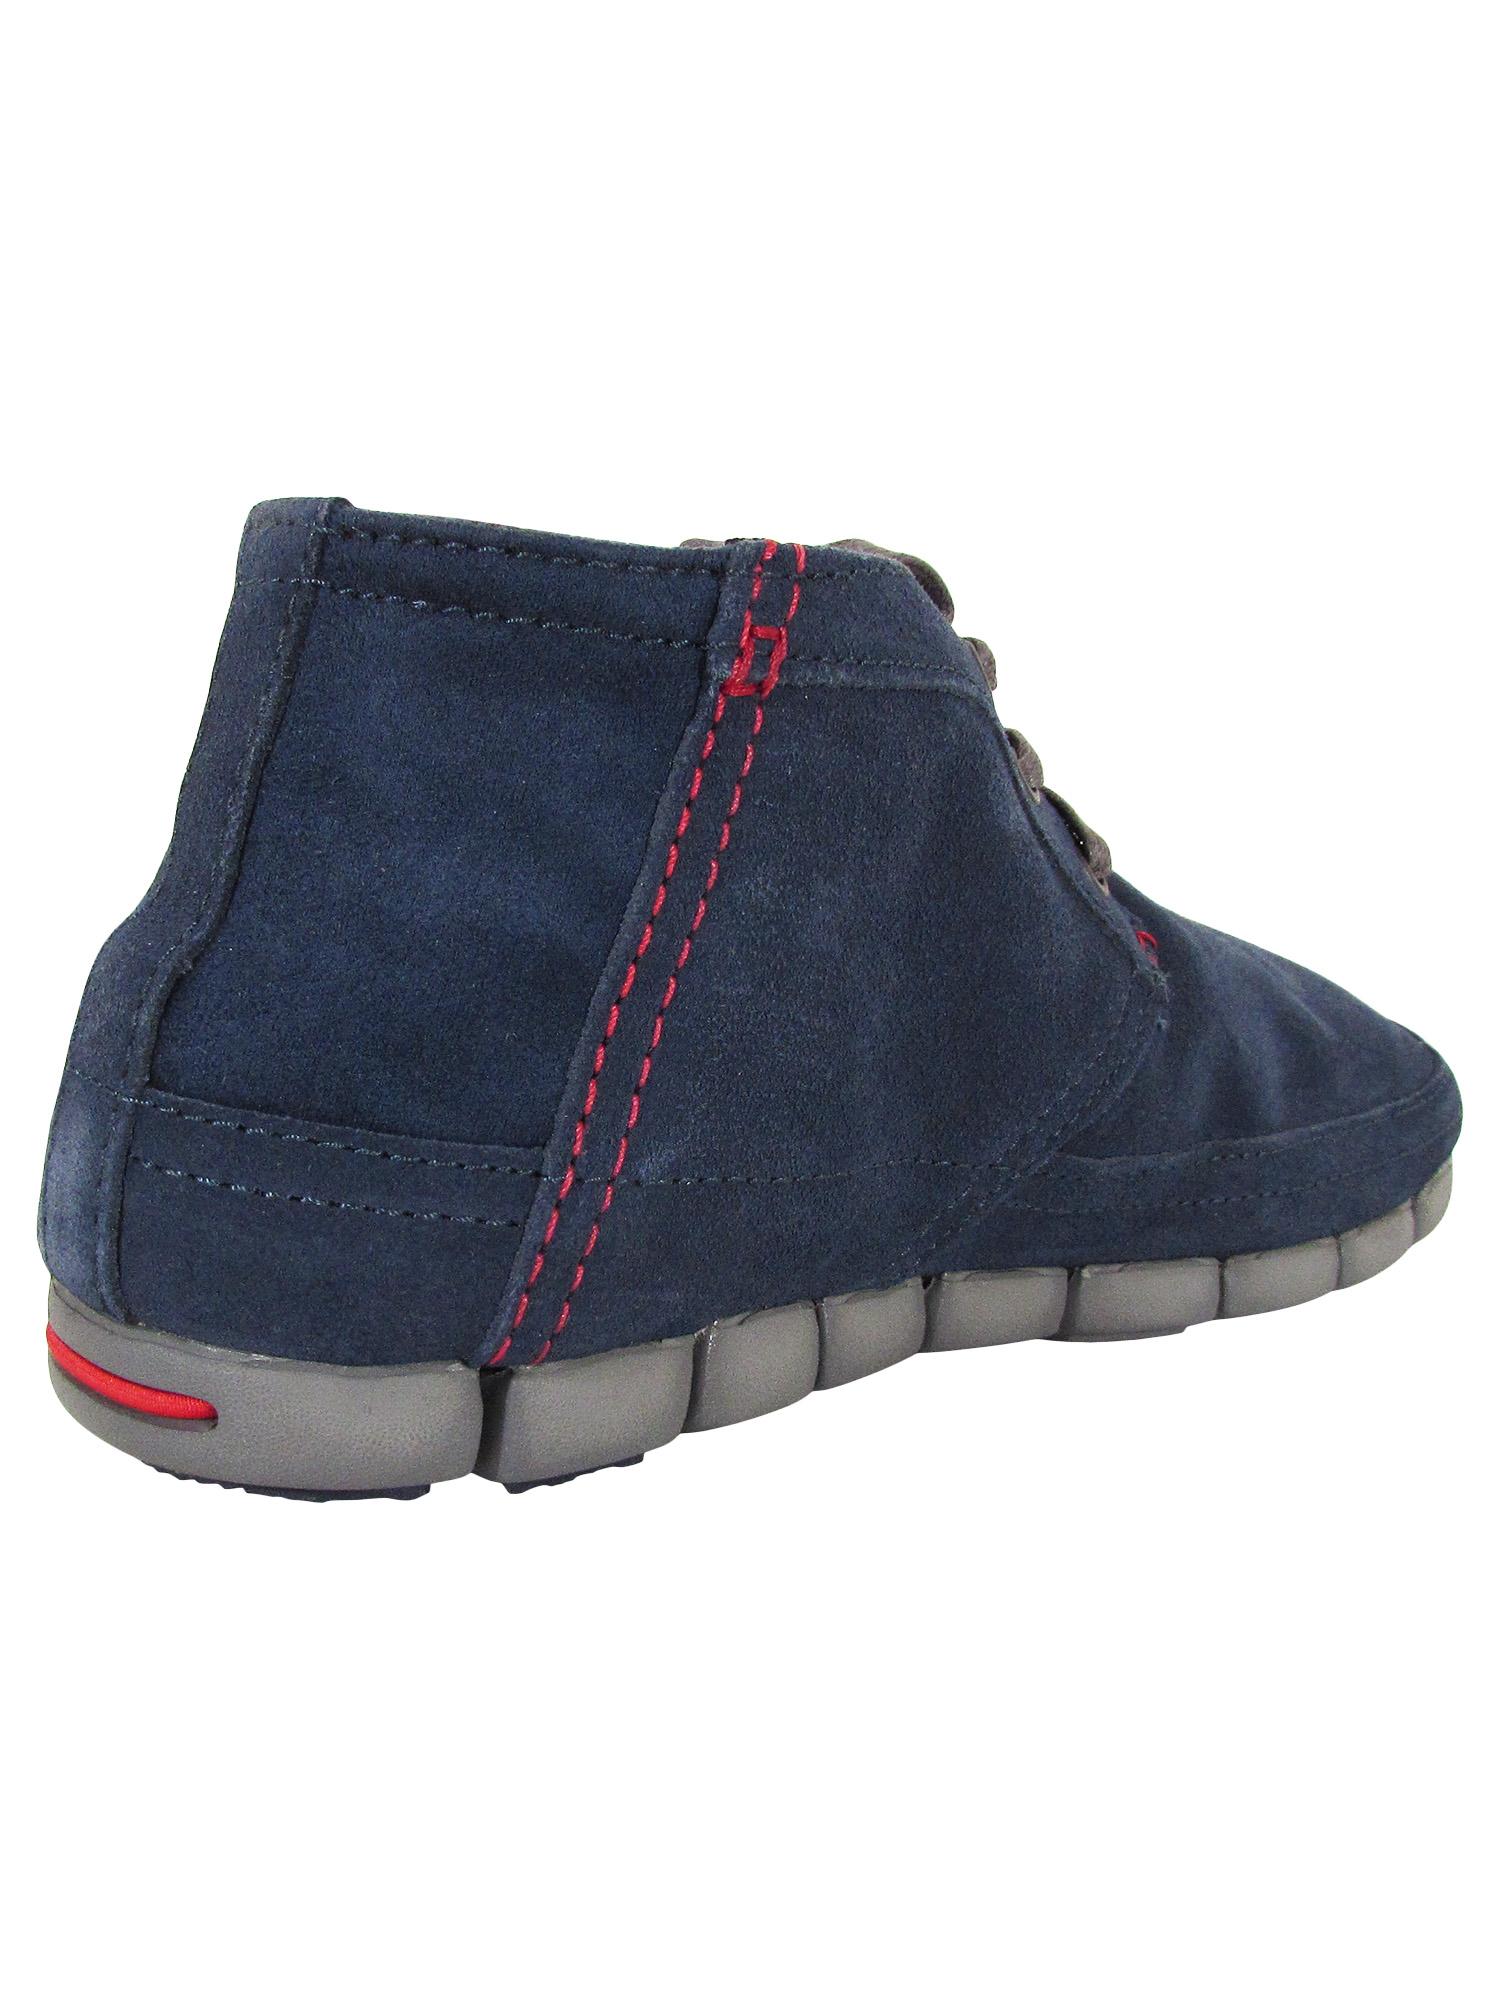 Crocs Para Hombre Stretch Suela Desert Desert Desert bota zapatos ac7b5e